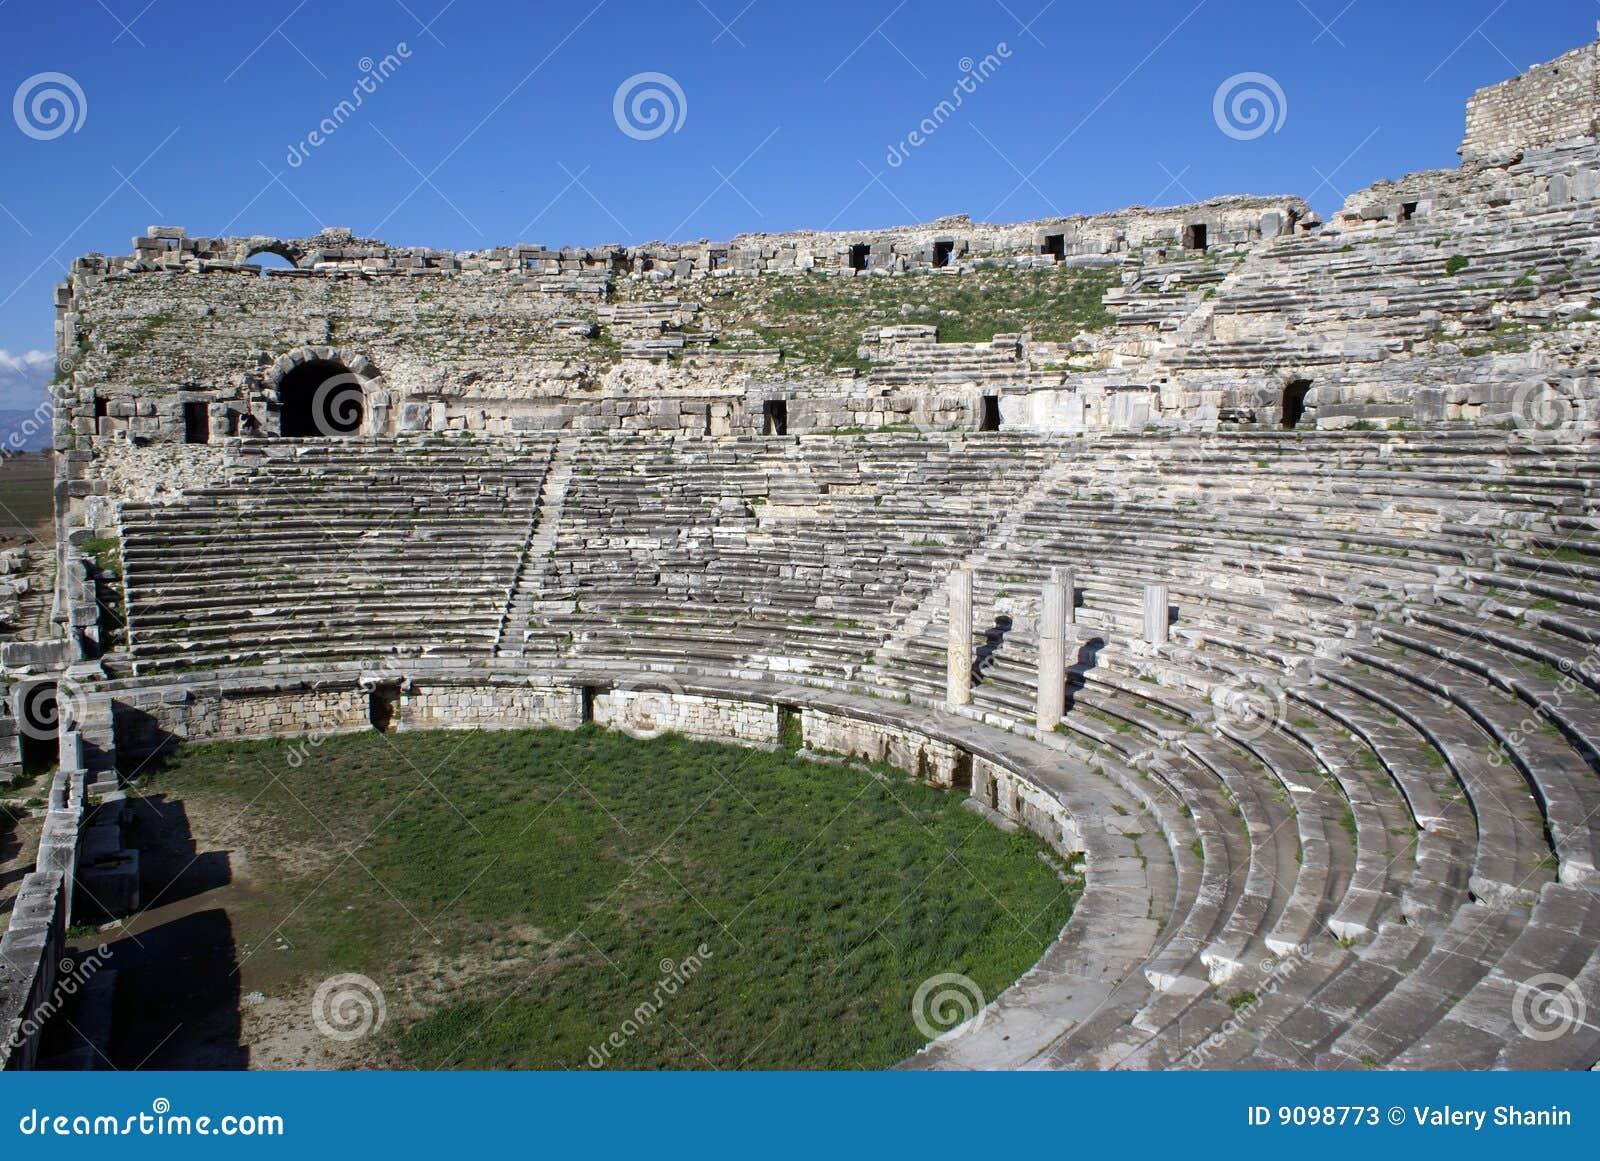 Theater in Miletus